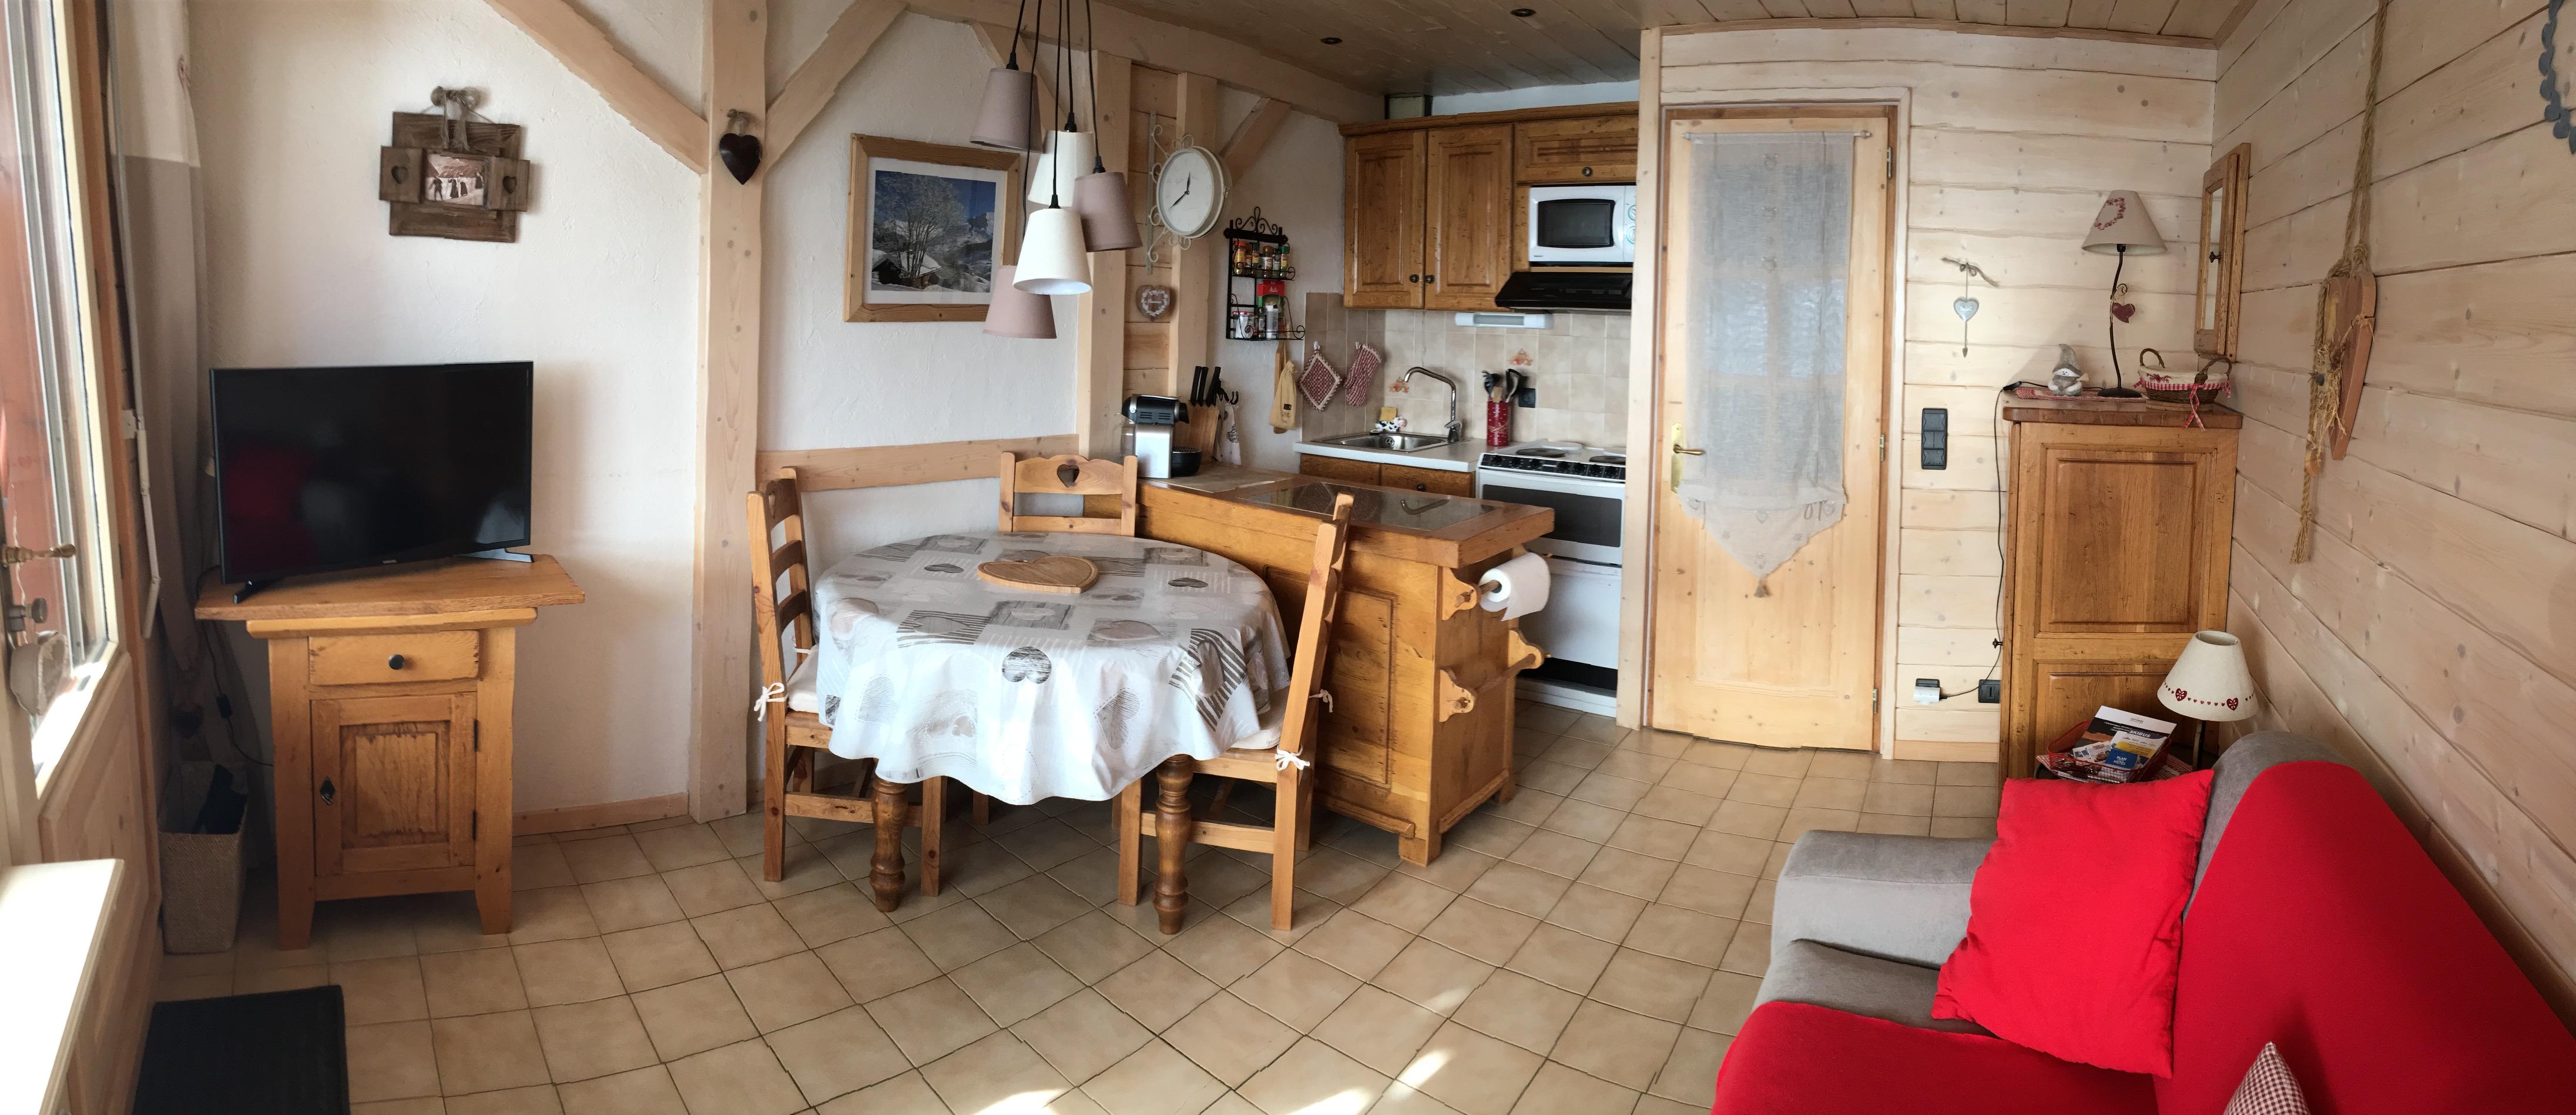 Appartement de particulier - Kodiac 001